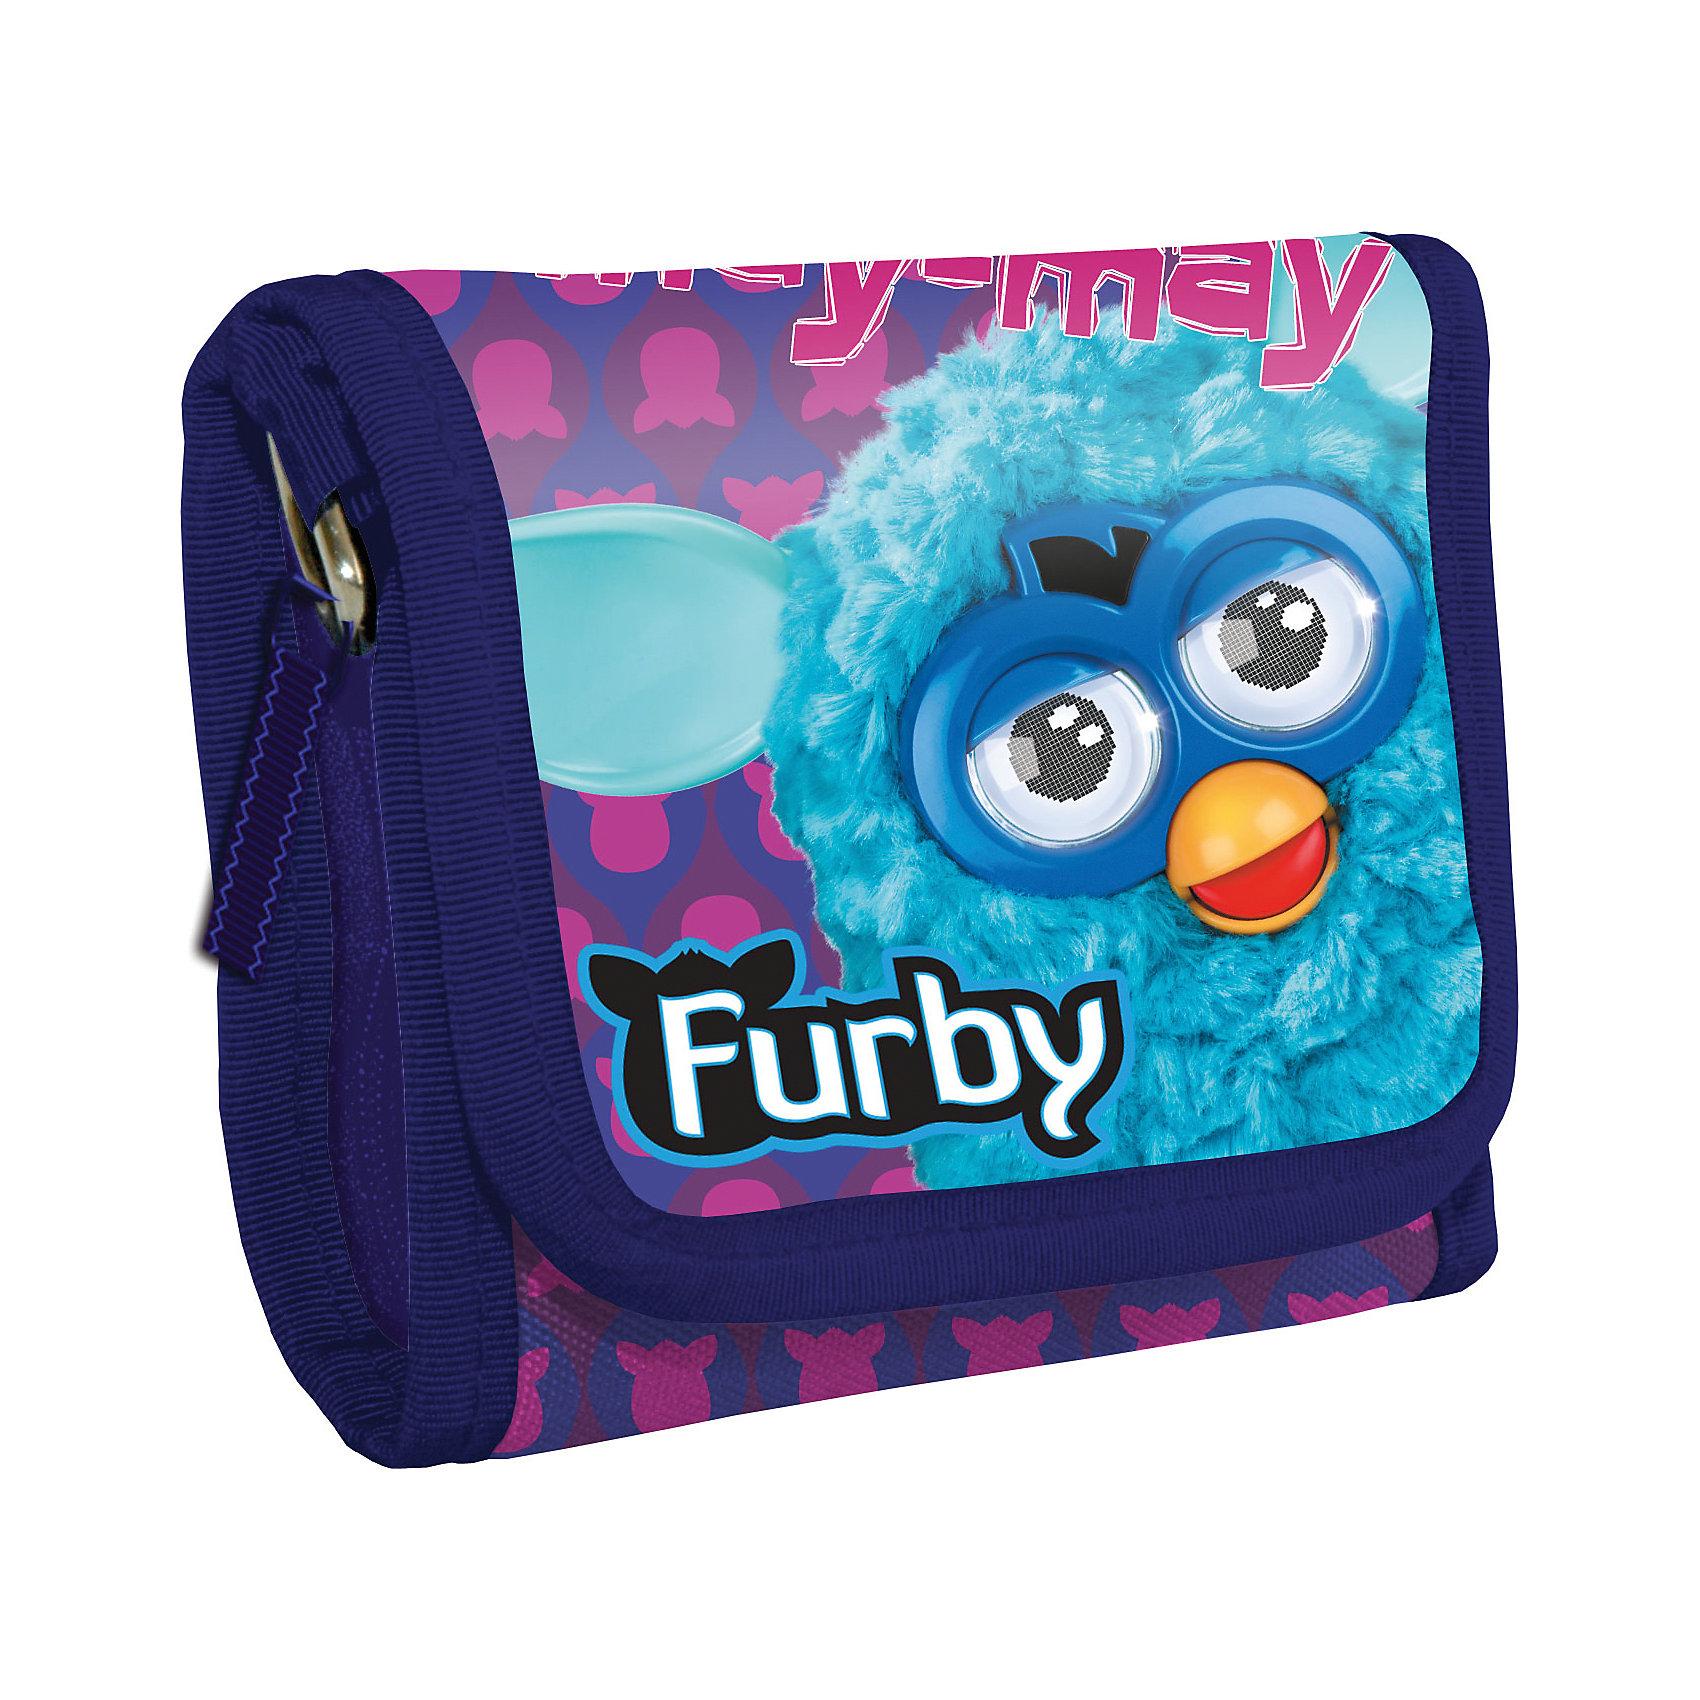 Академия групп Кошелек, Furby